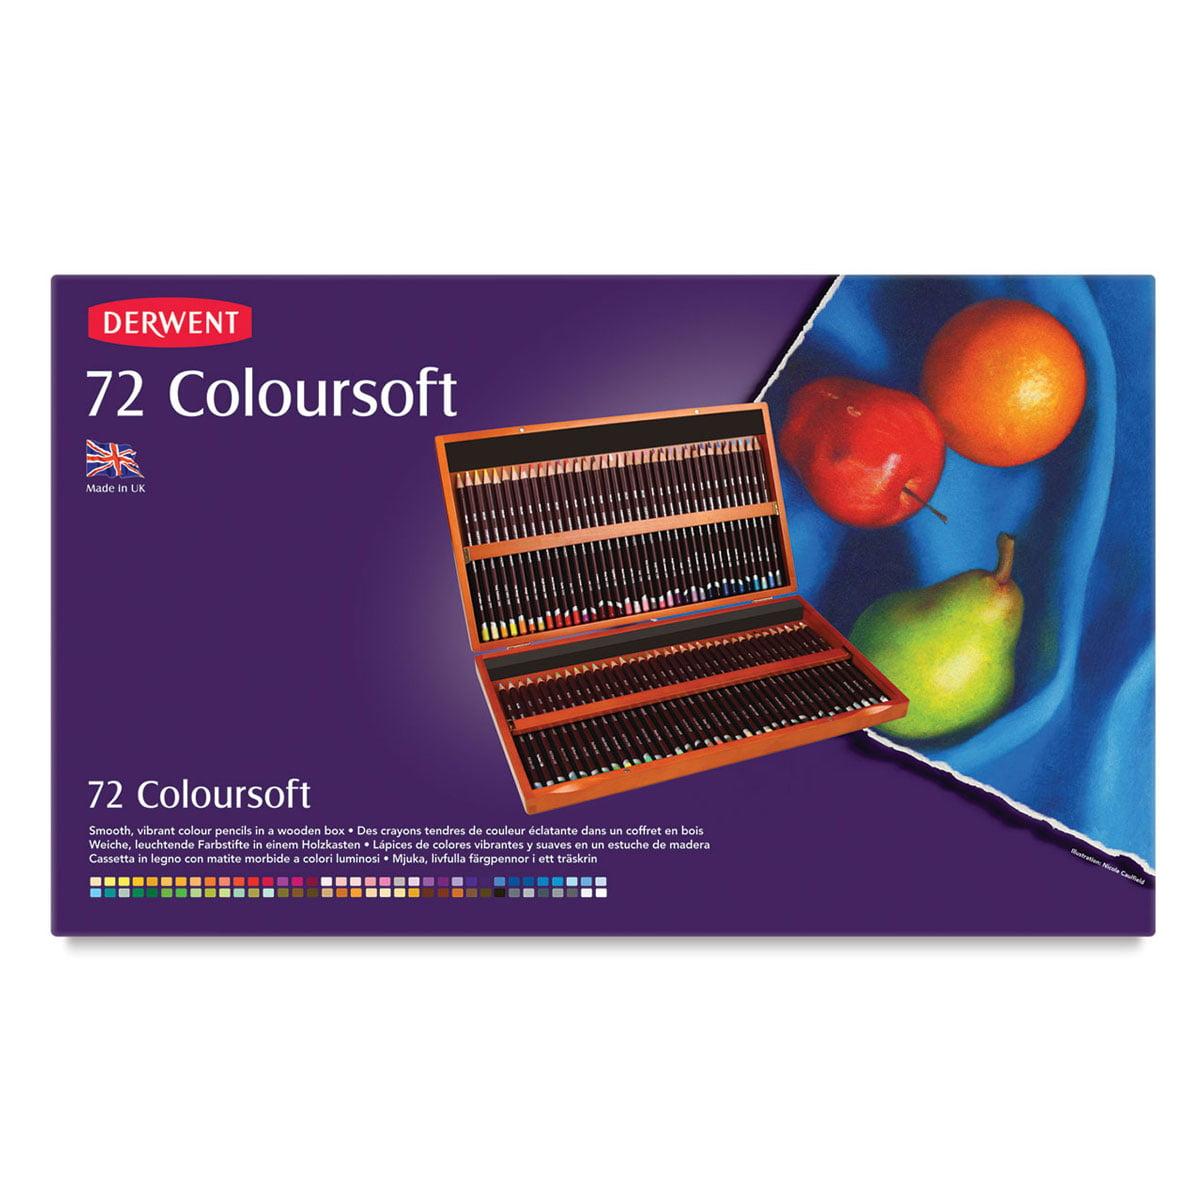 Derwent Coloursoft Pencils and Sets